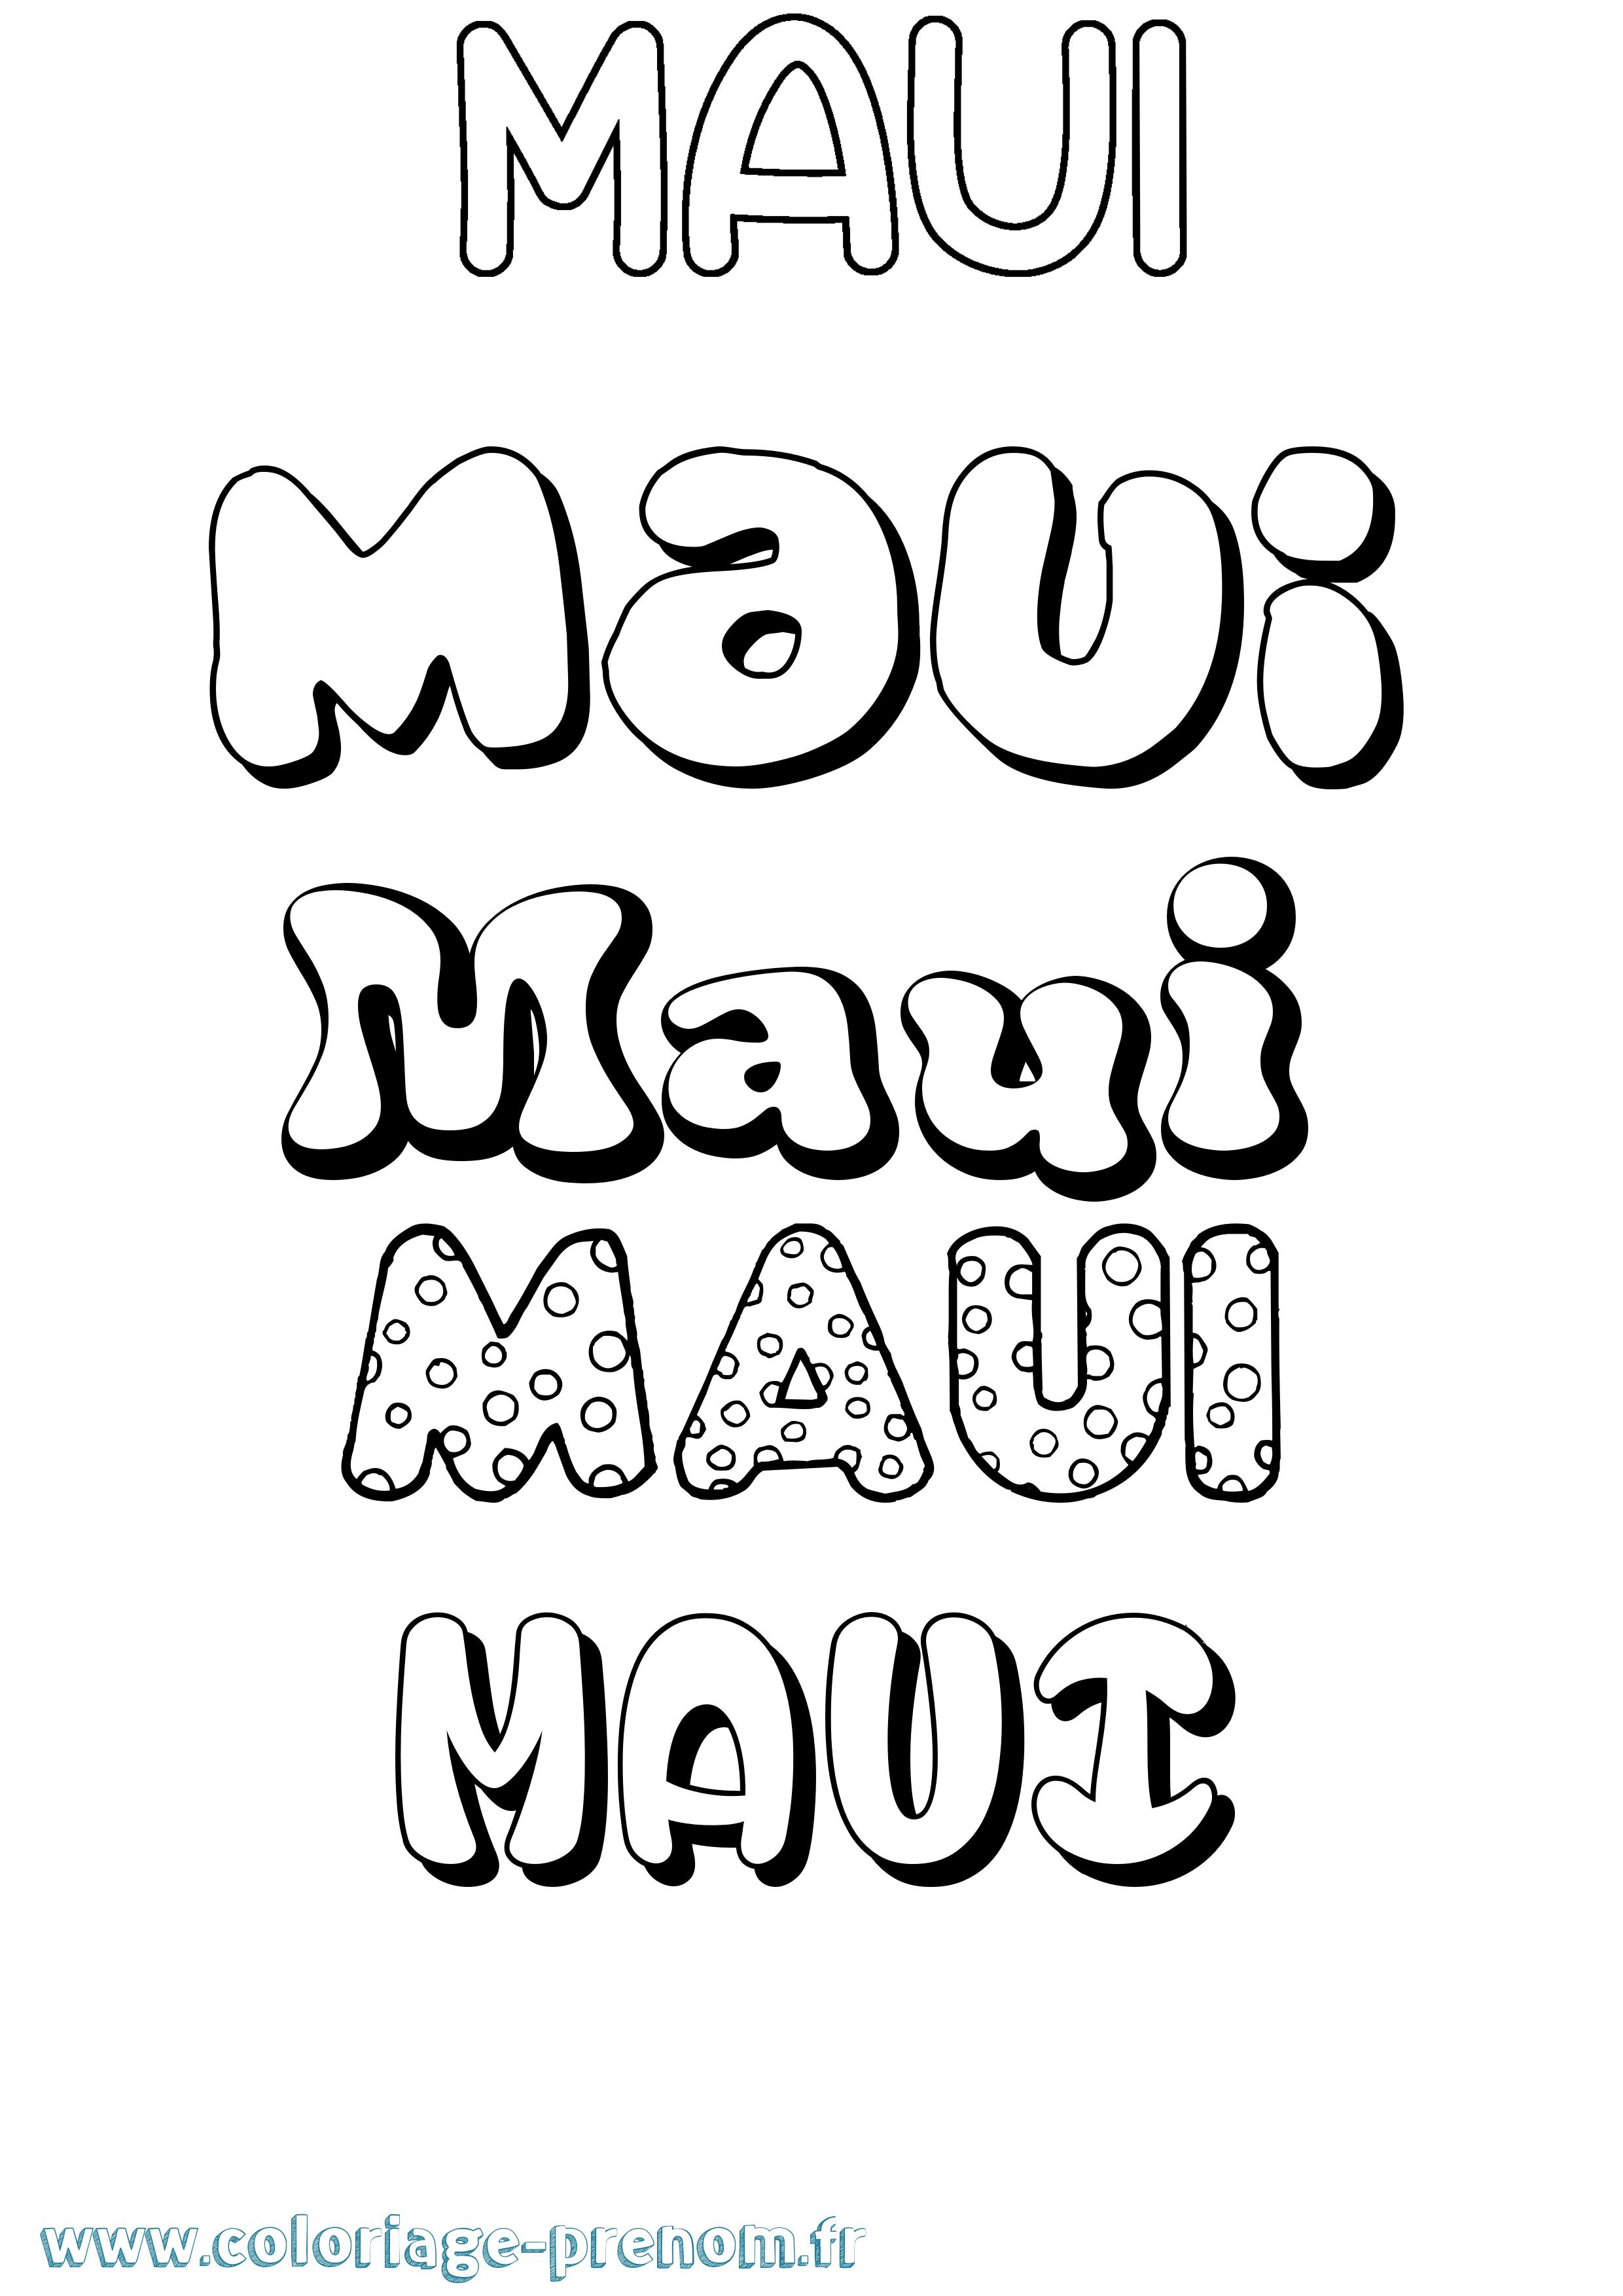 Coloriage Du Prénom Maui à Imprimer Ou Télécharger Facilement